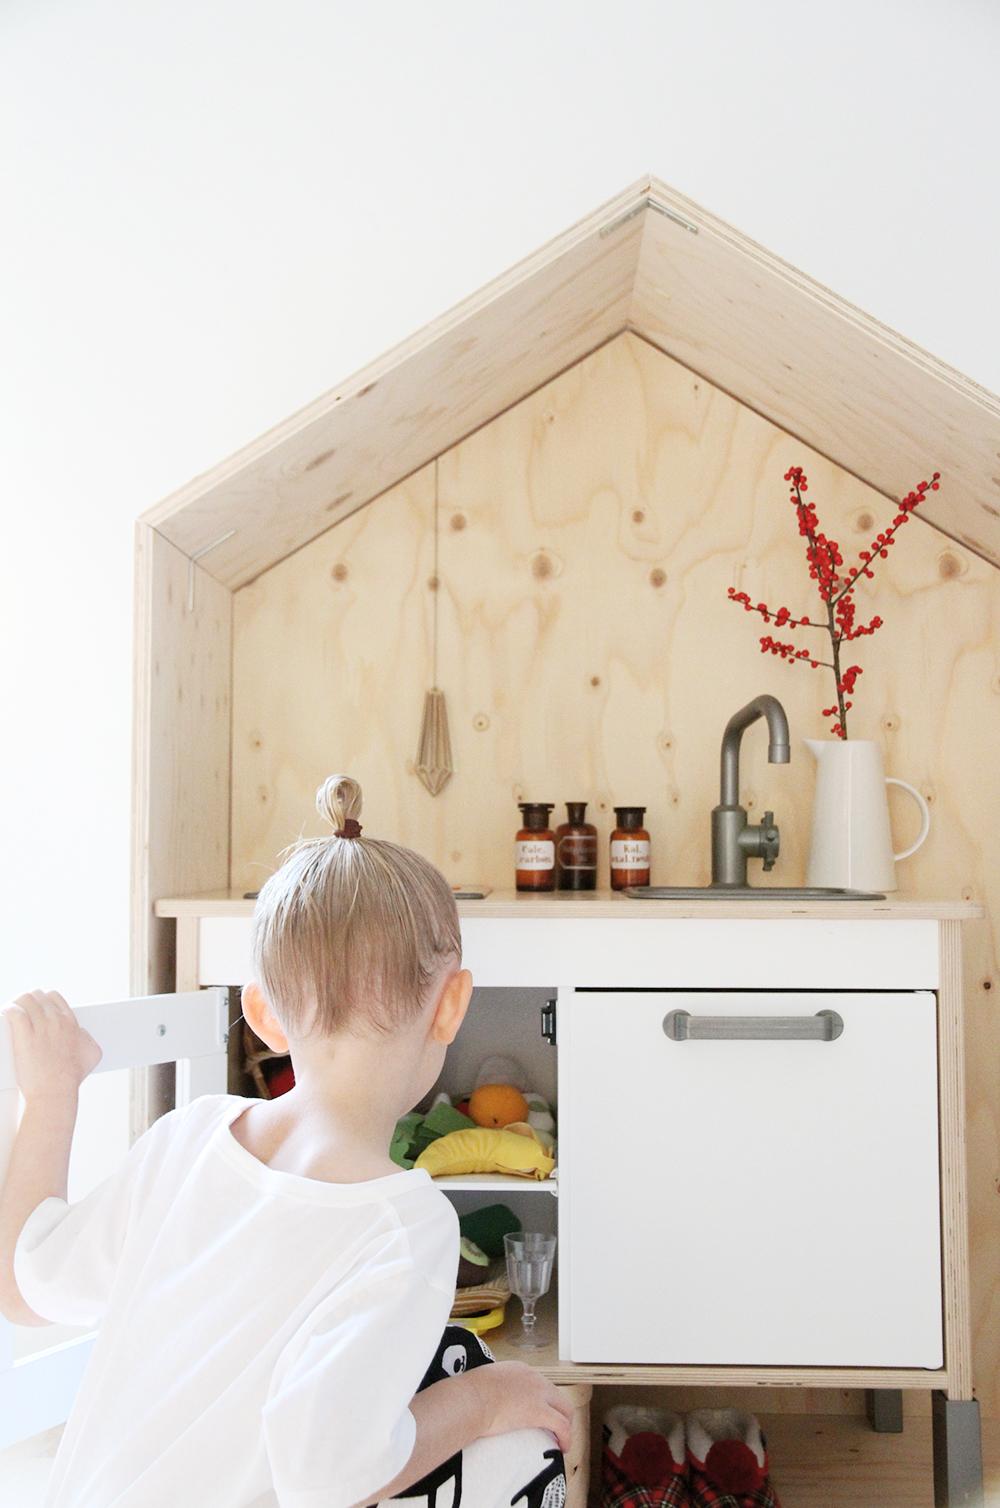 hunajaista siiri leikkii luona in lasten kalusteet leikkikeittio mokki